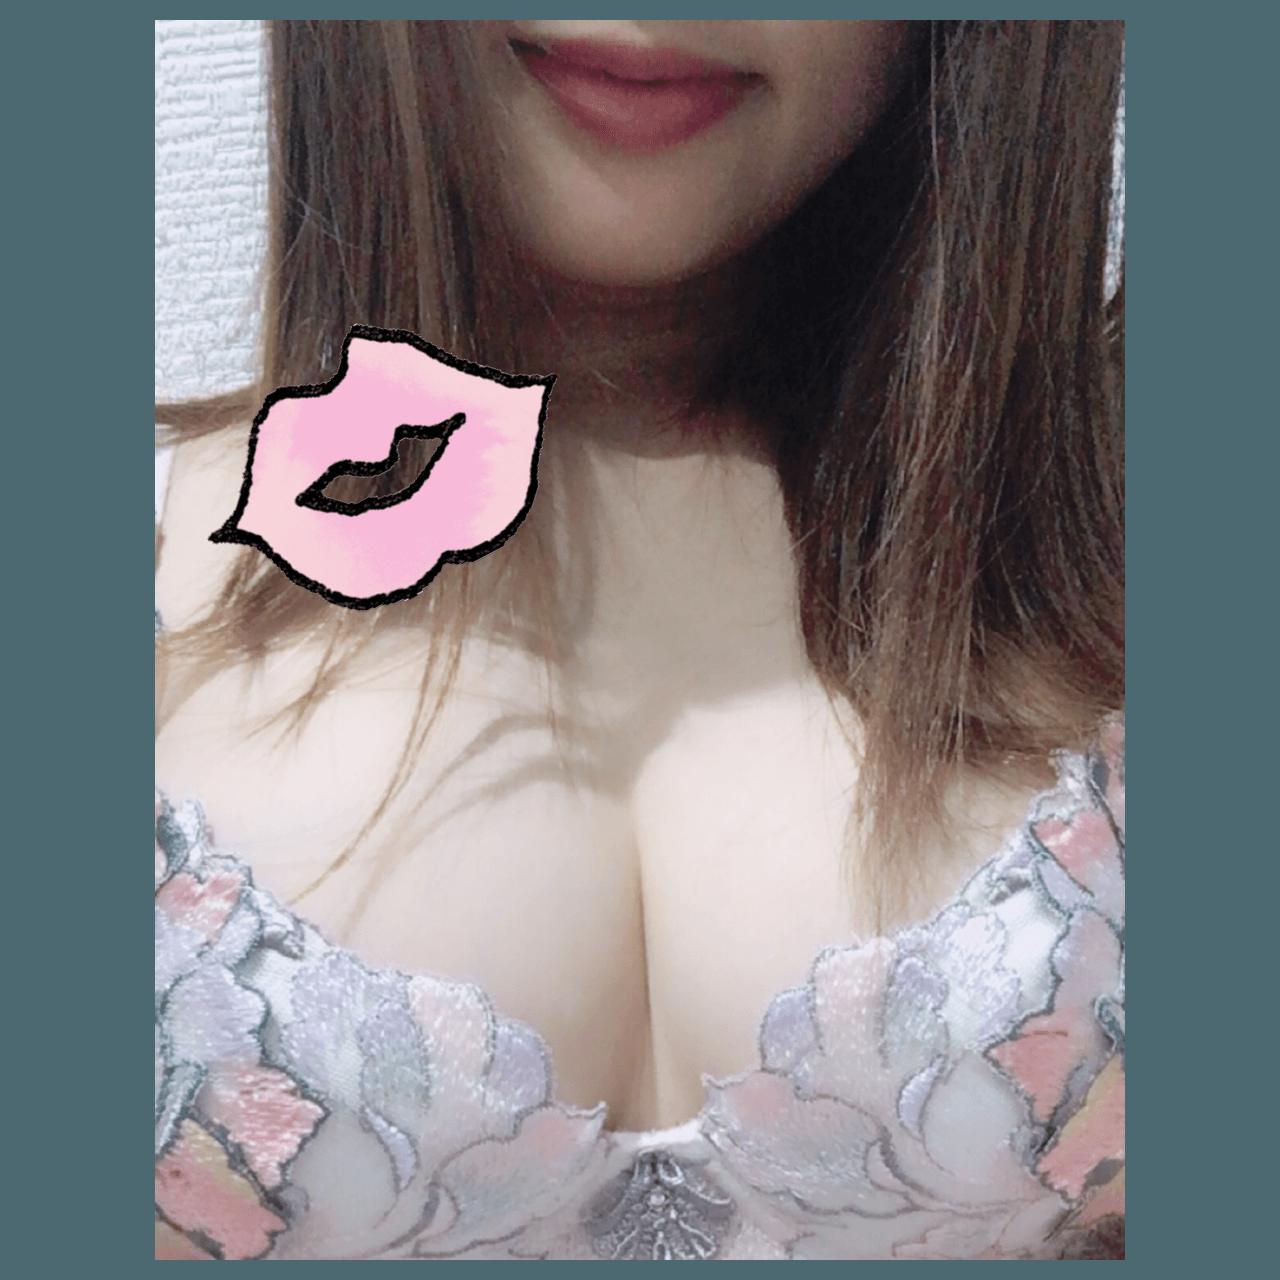 「面倒だけど」02/28(水) 17:31 | さえの写メ・風俗動画